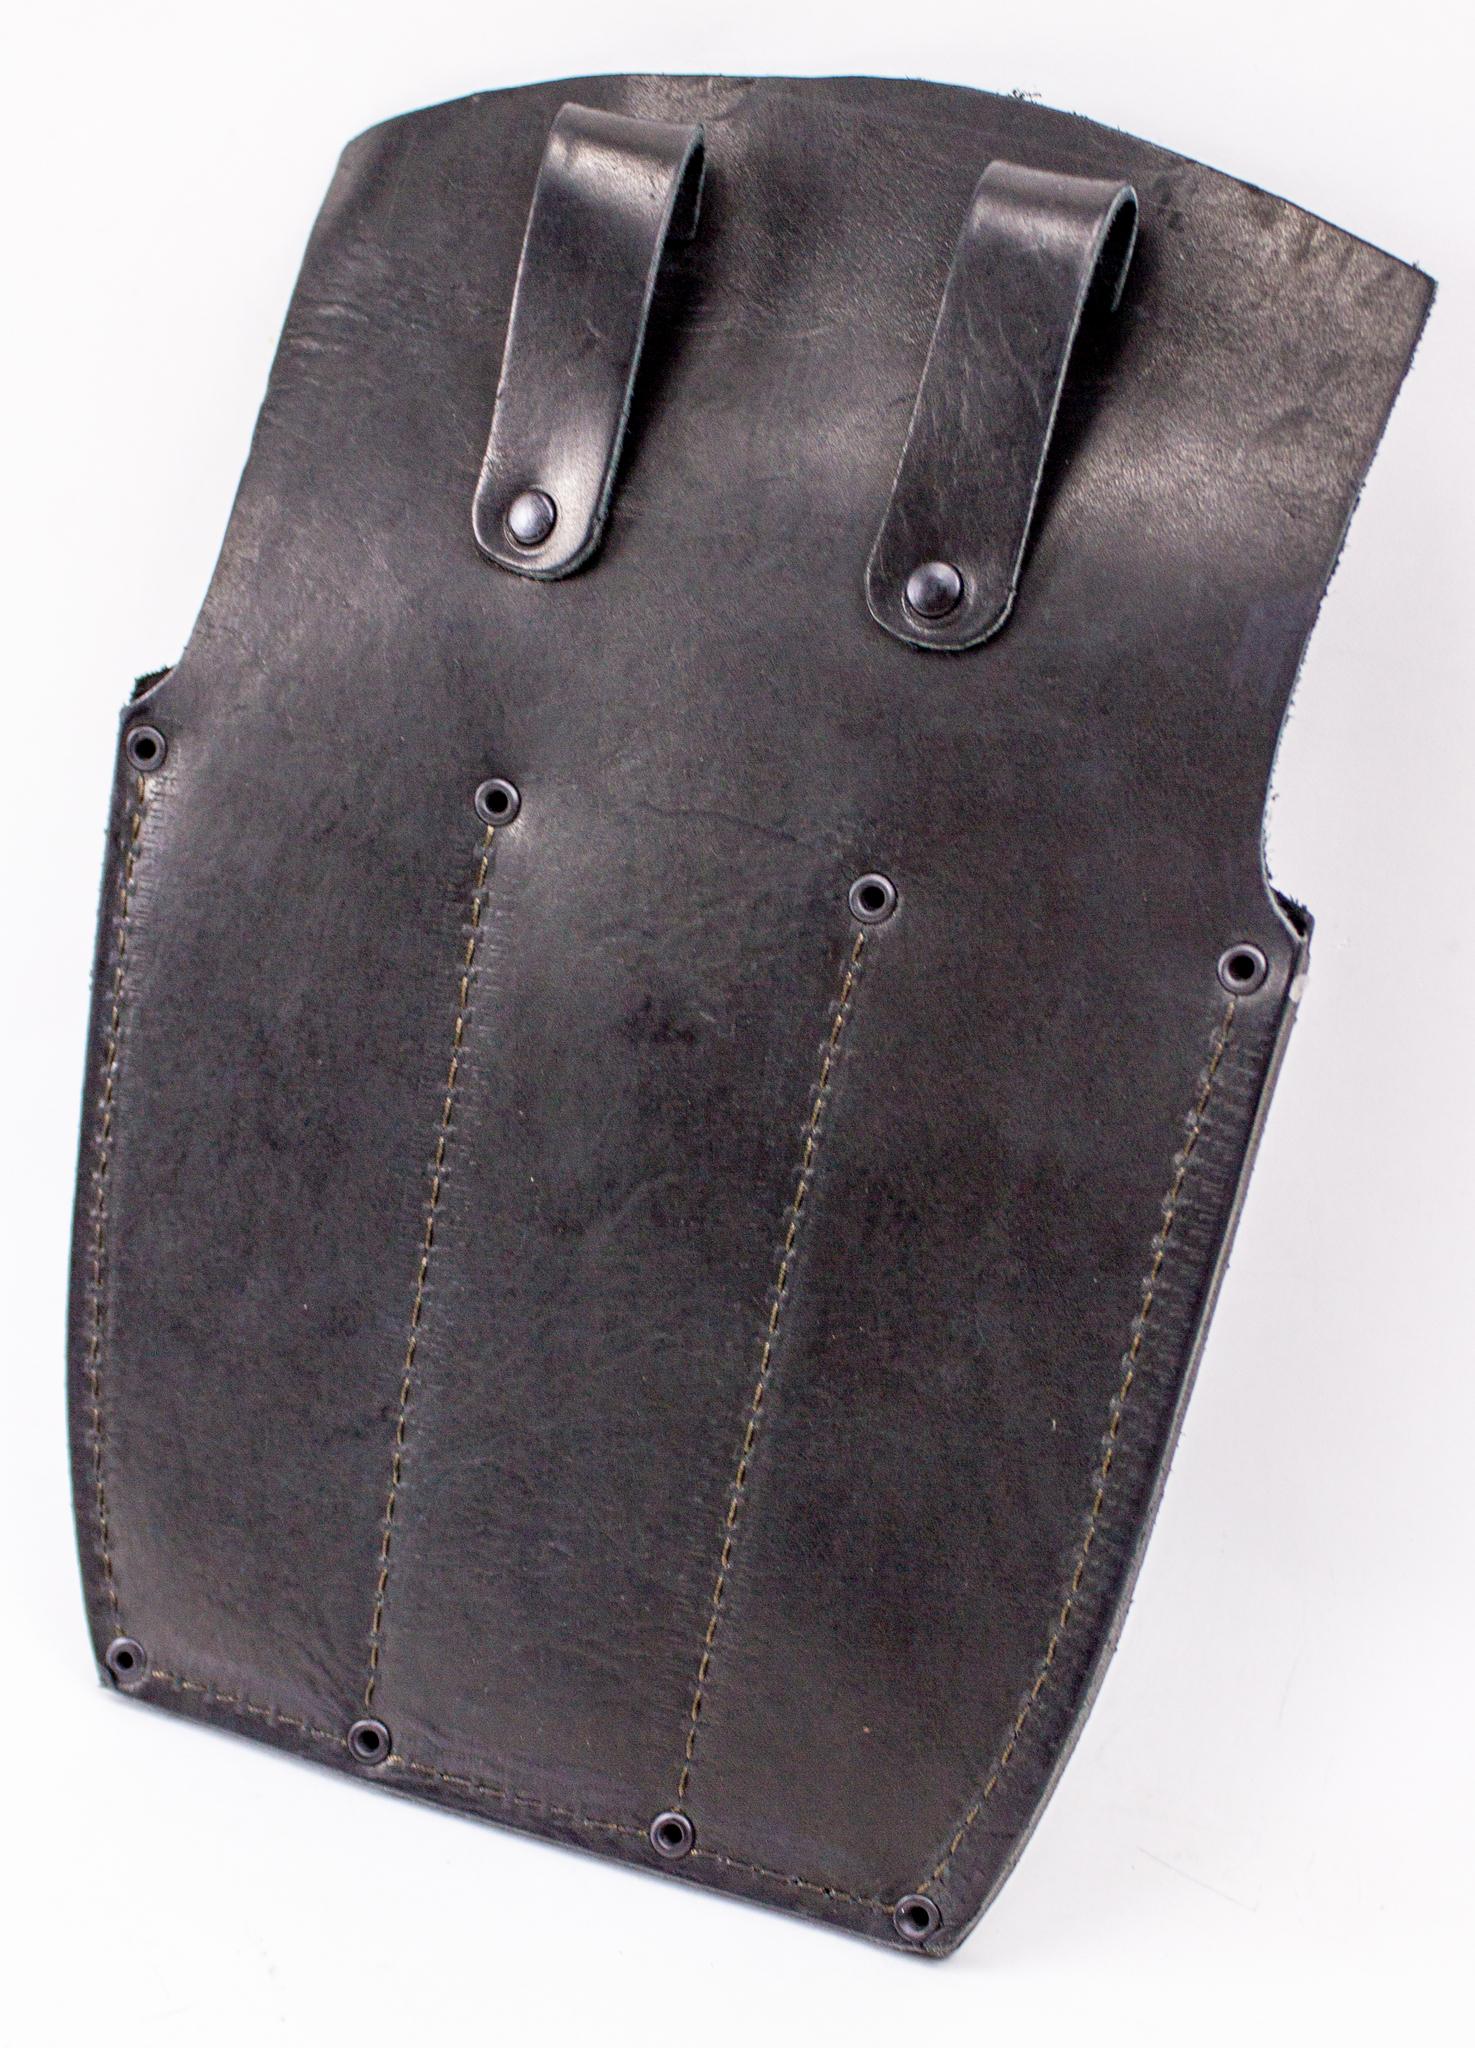 Фото 7 - Ножны-чехол для 3-х метательных ножей кожаные, черные